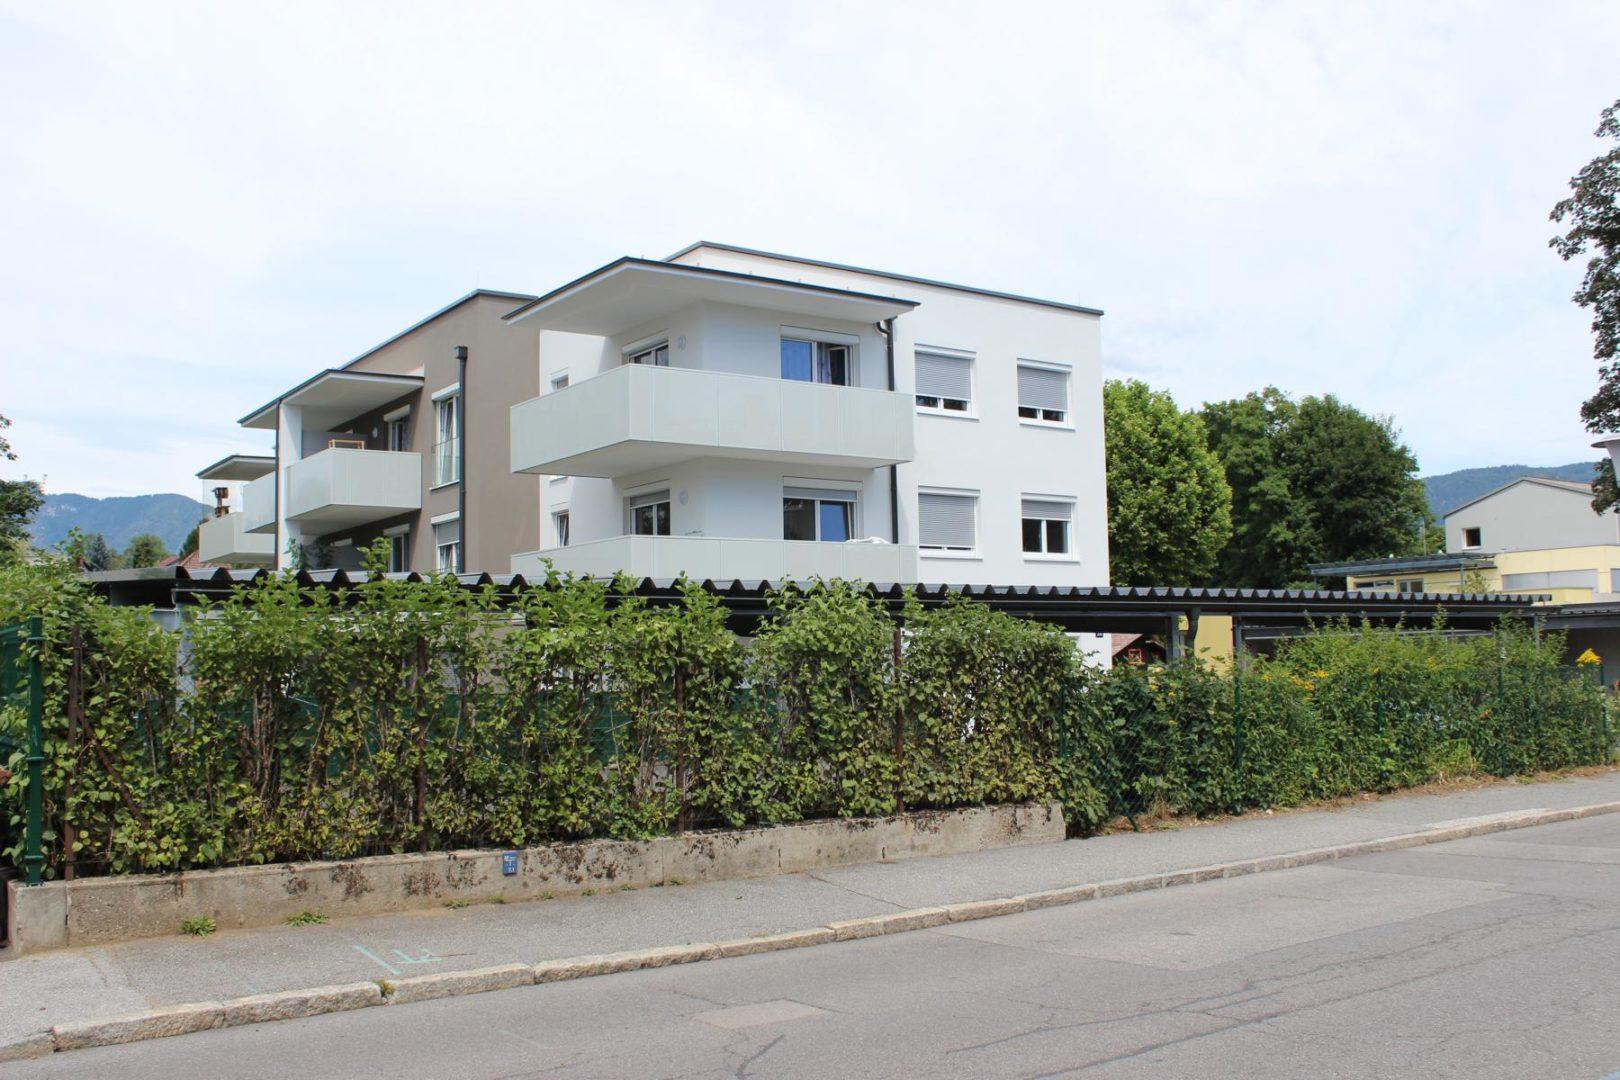 Gartenmietwohnung in Villach-Völkendorf